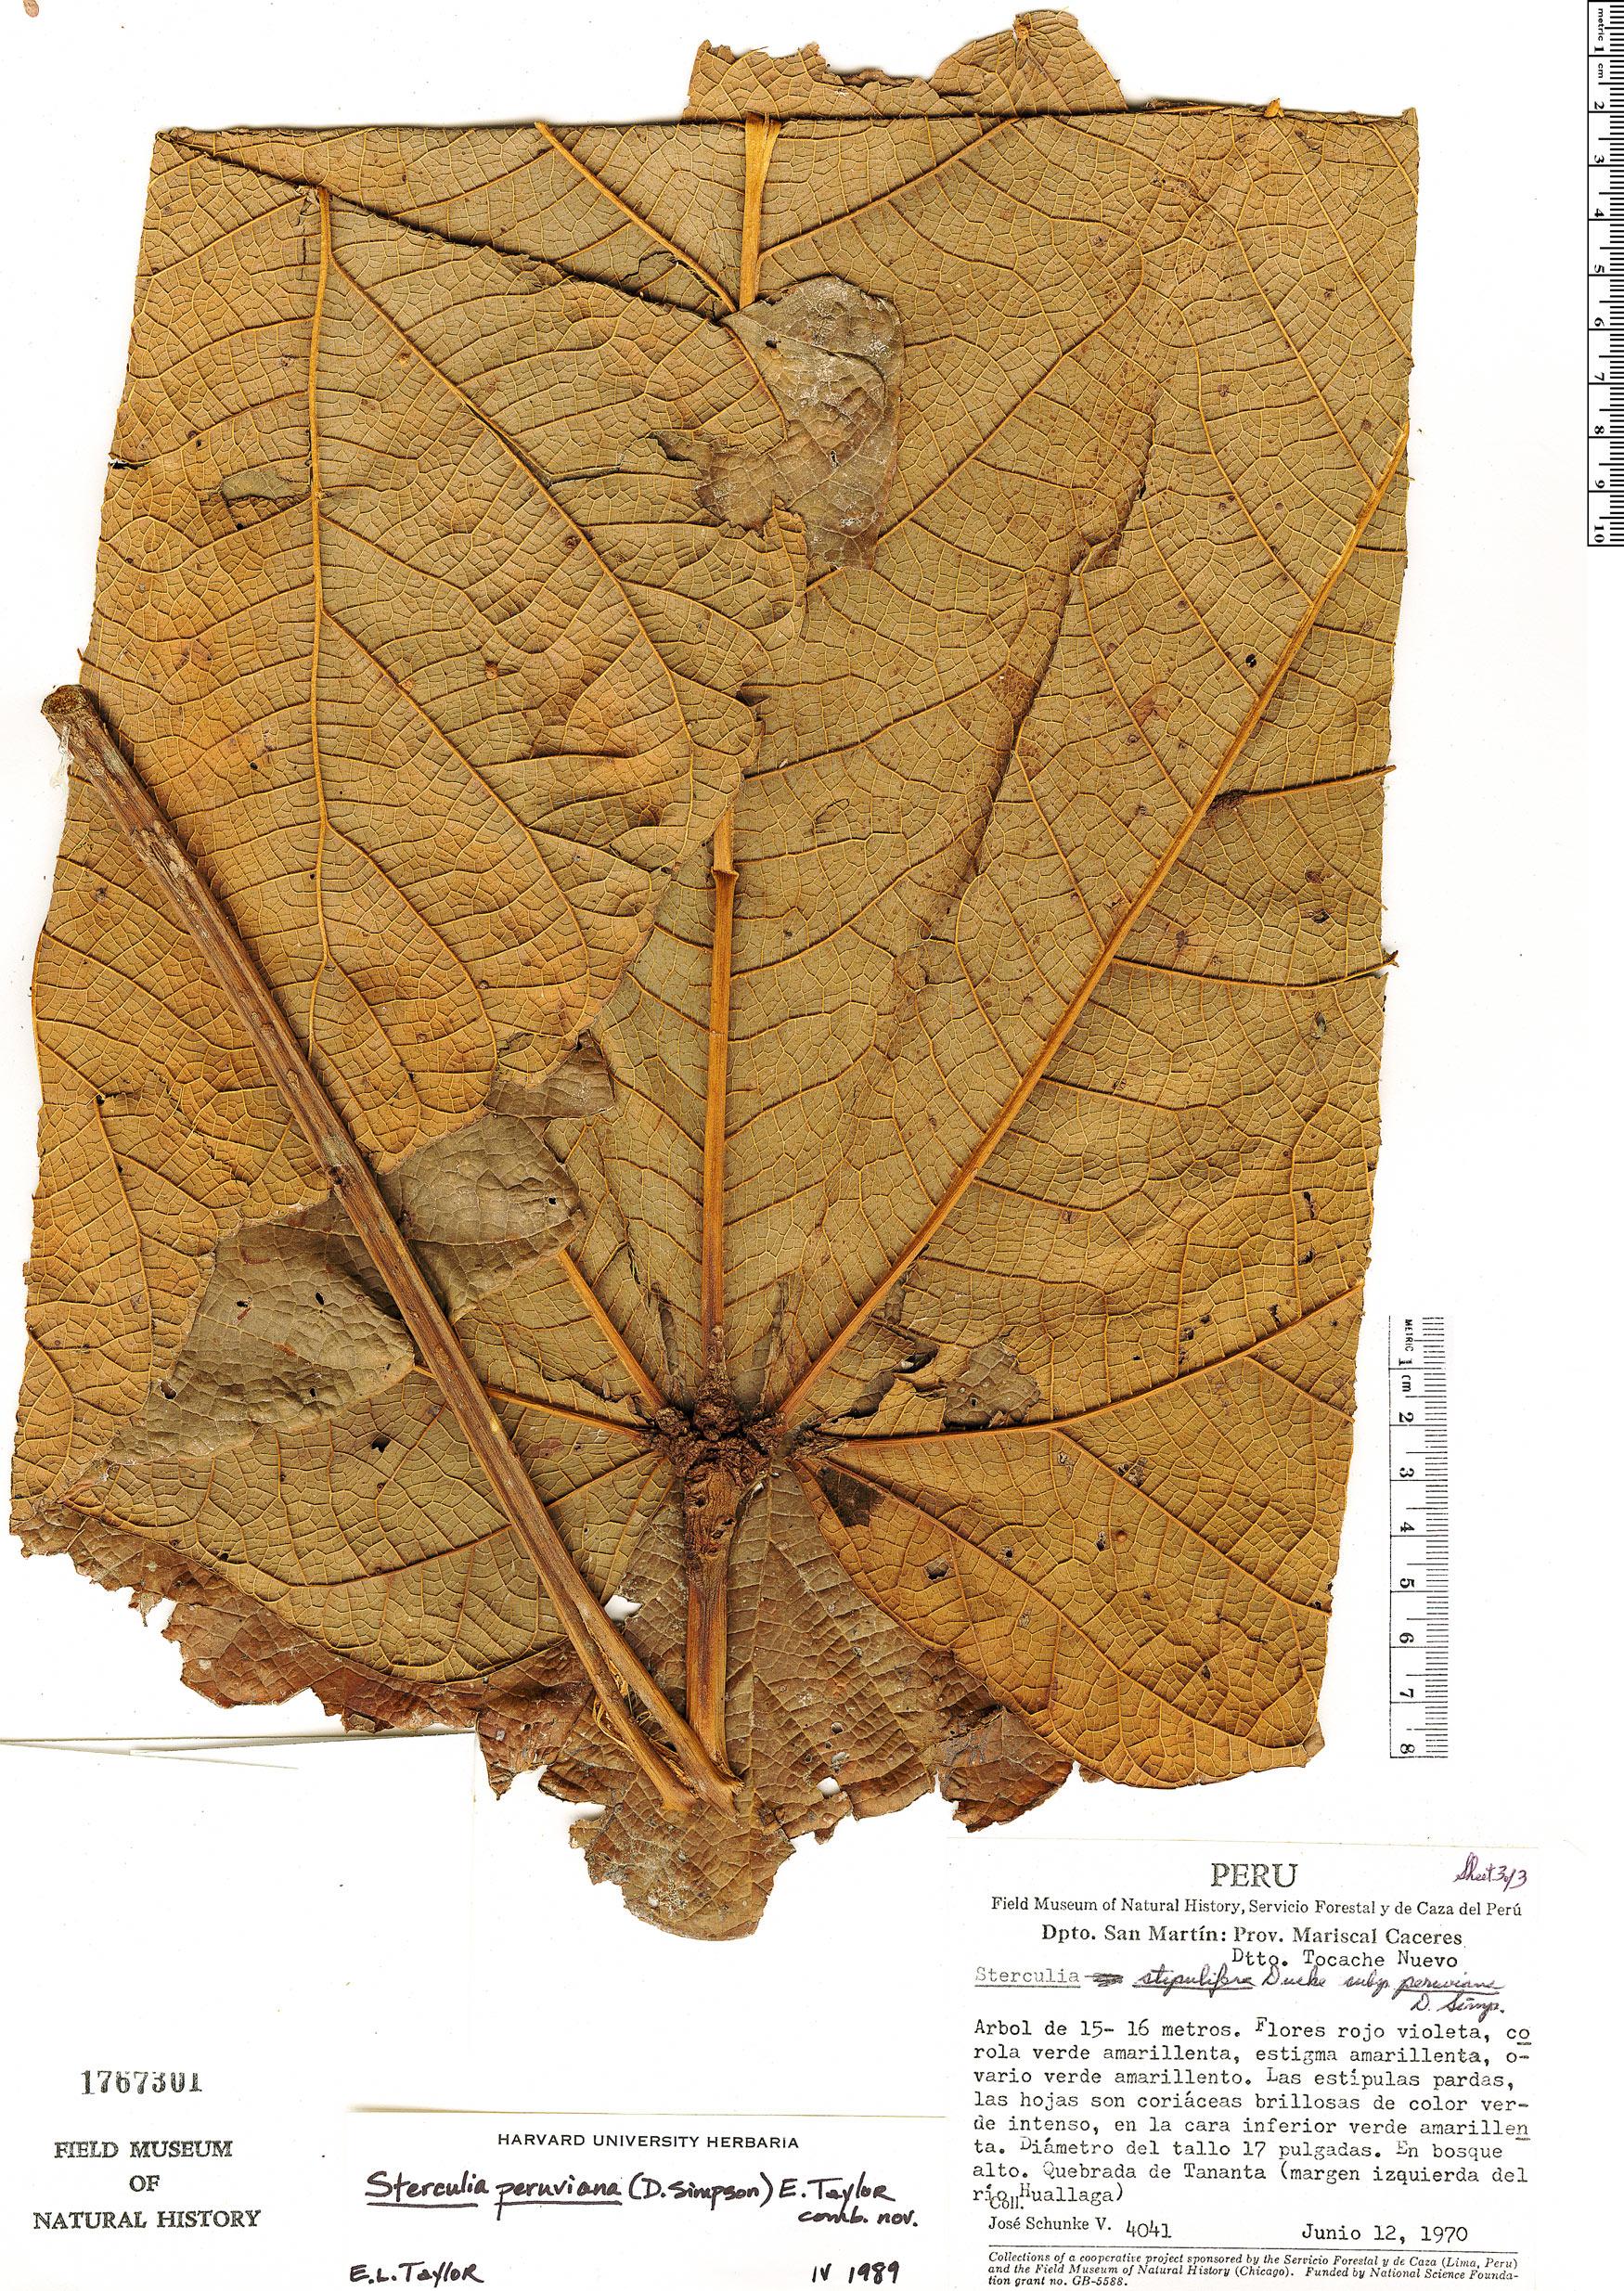 Specimen: Sterculia peruviana